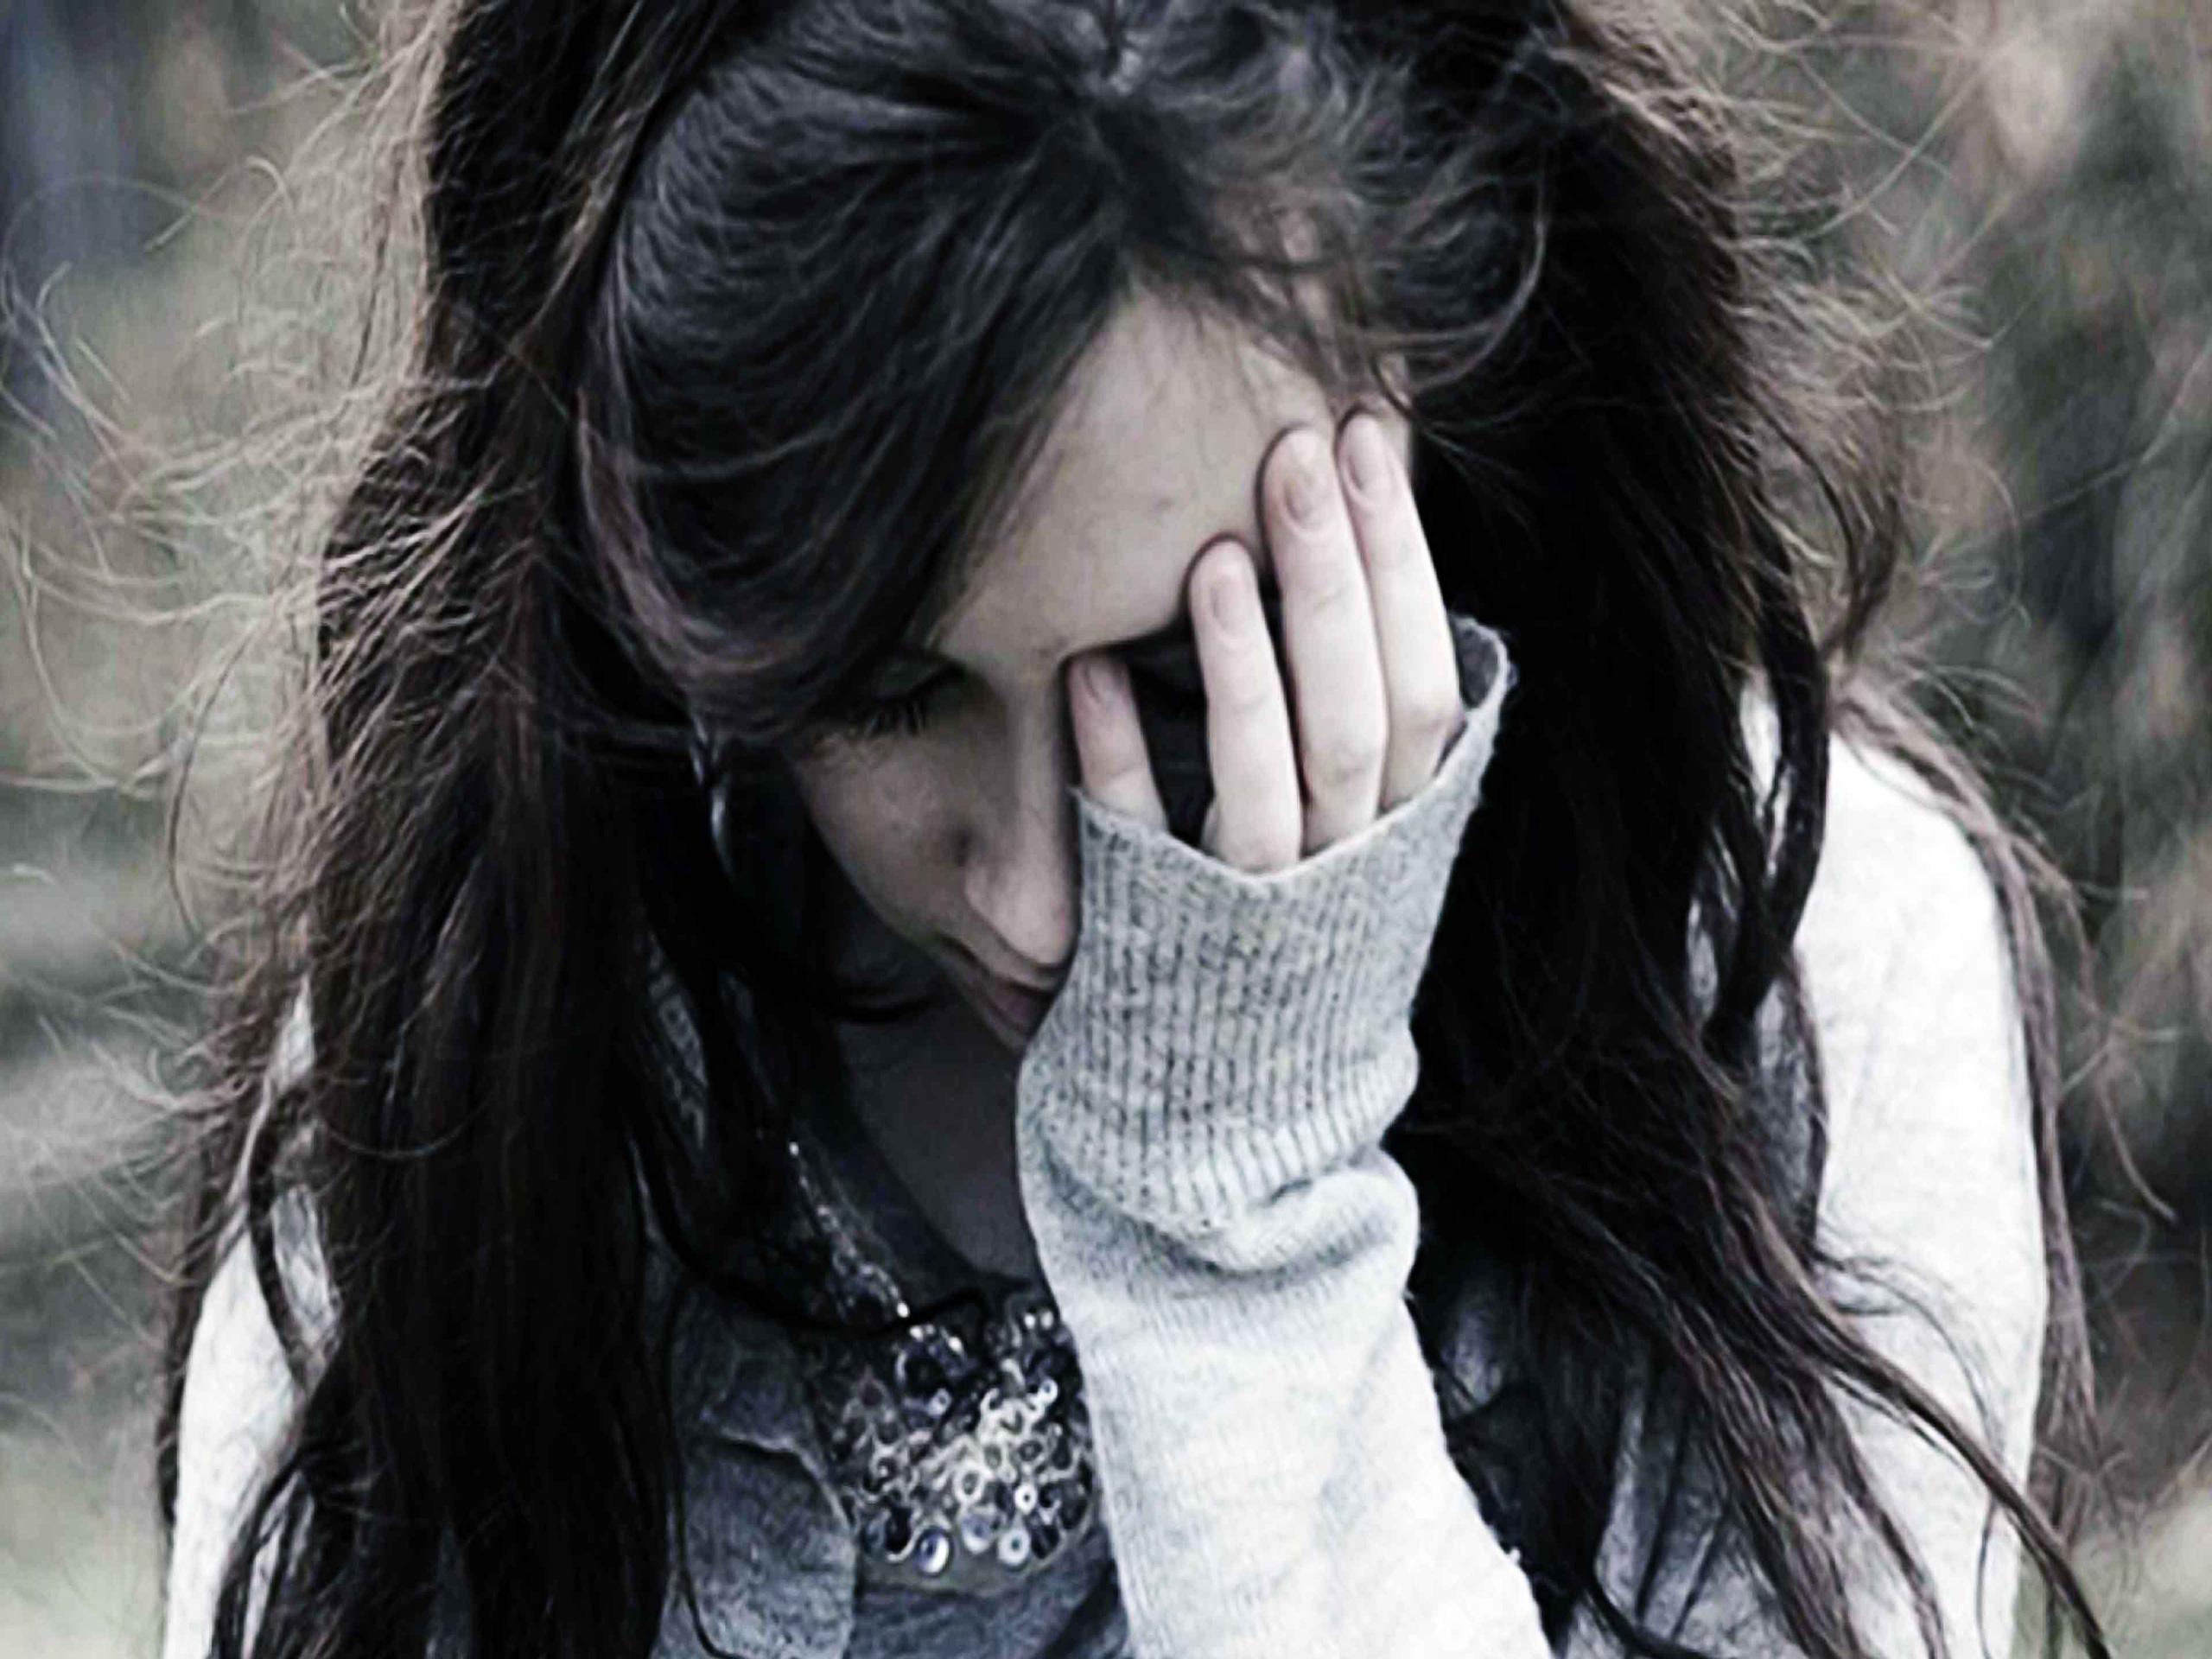 بالصور صور فتاة حزينة , بنات ملامحها حزن 2154 11